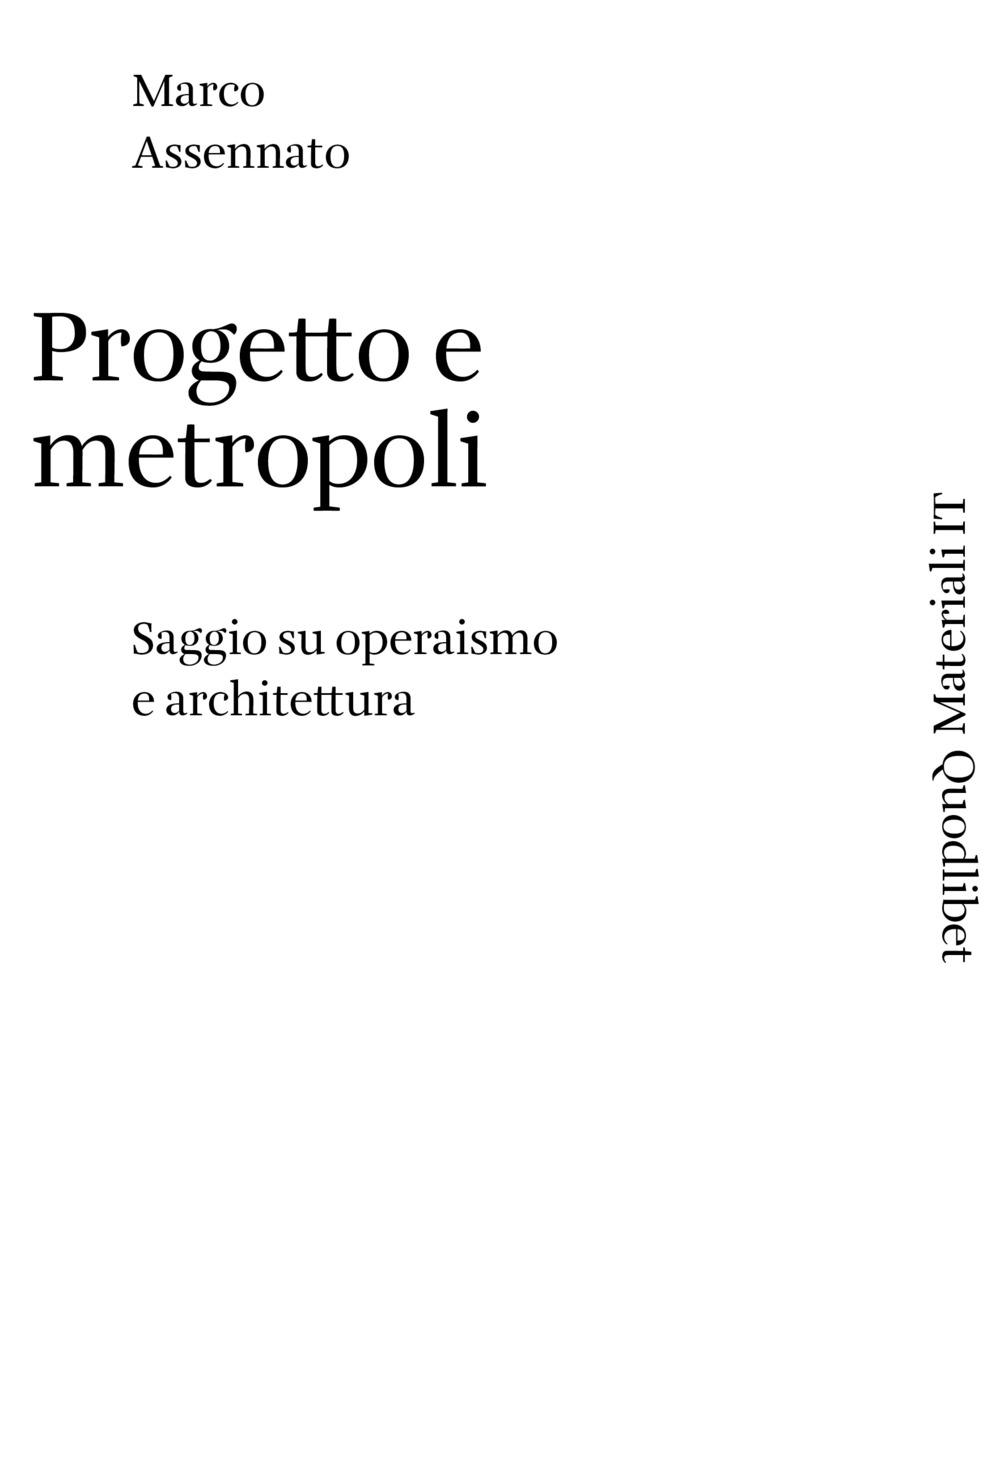 PROGETTO E METROPOLI. SAGGIO SU OPERAISMO E ARCHITETTURA - 9788822903365